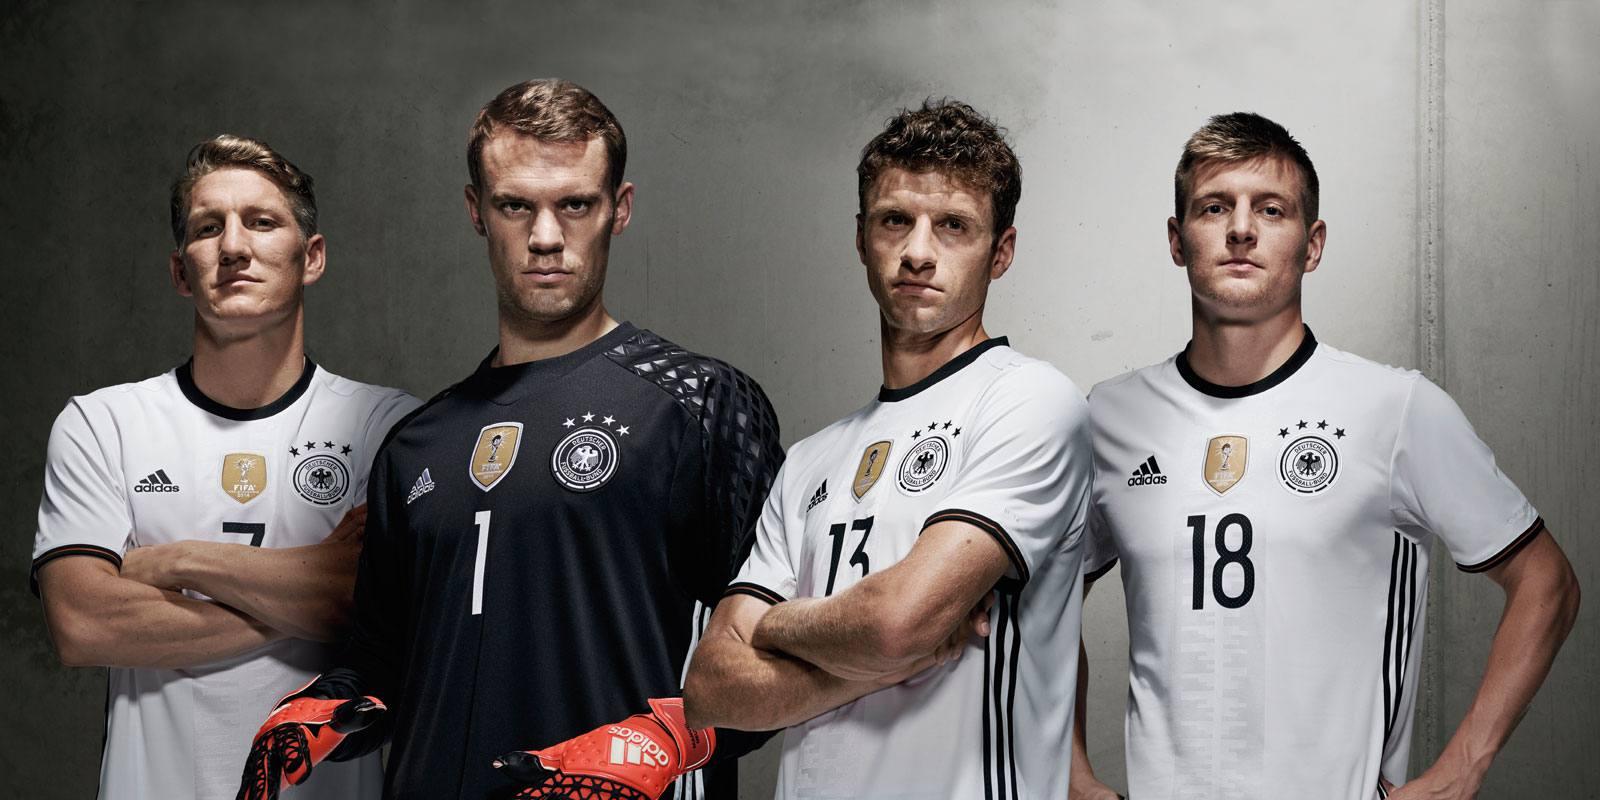 Avustralya Almanya Maçı İddaa Tahmini 19.06.2017